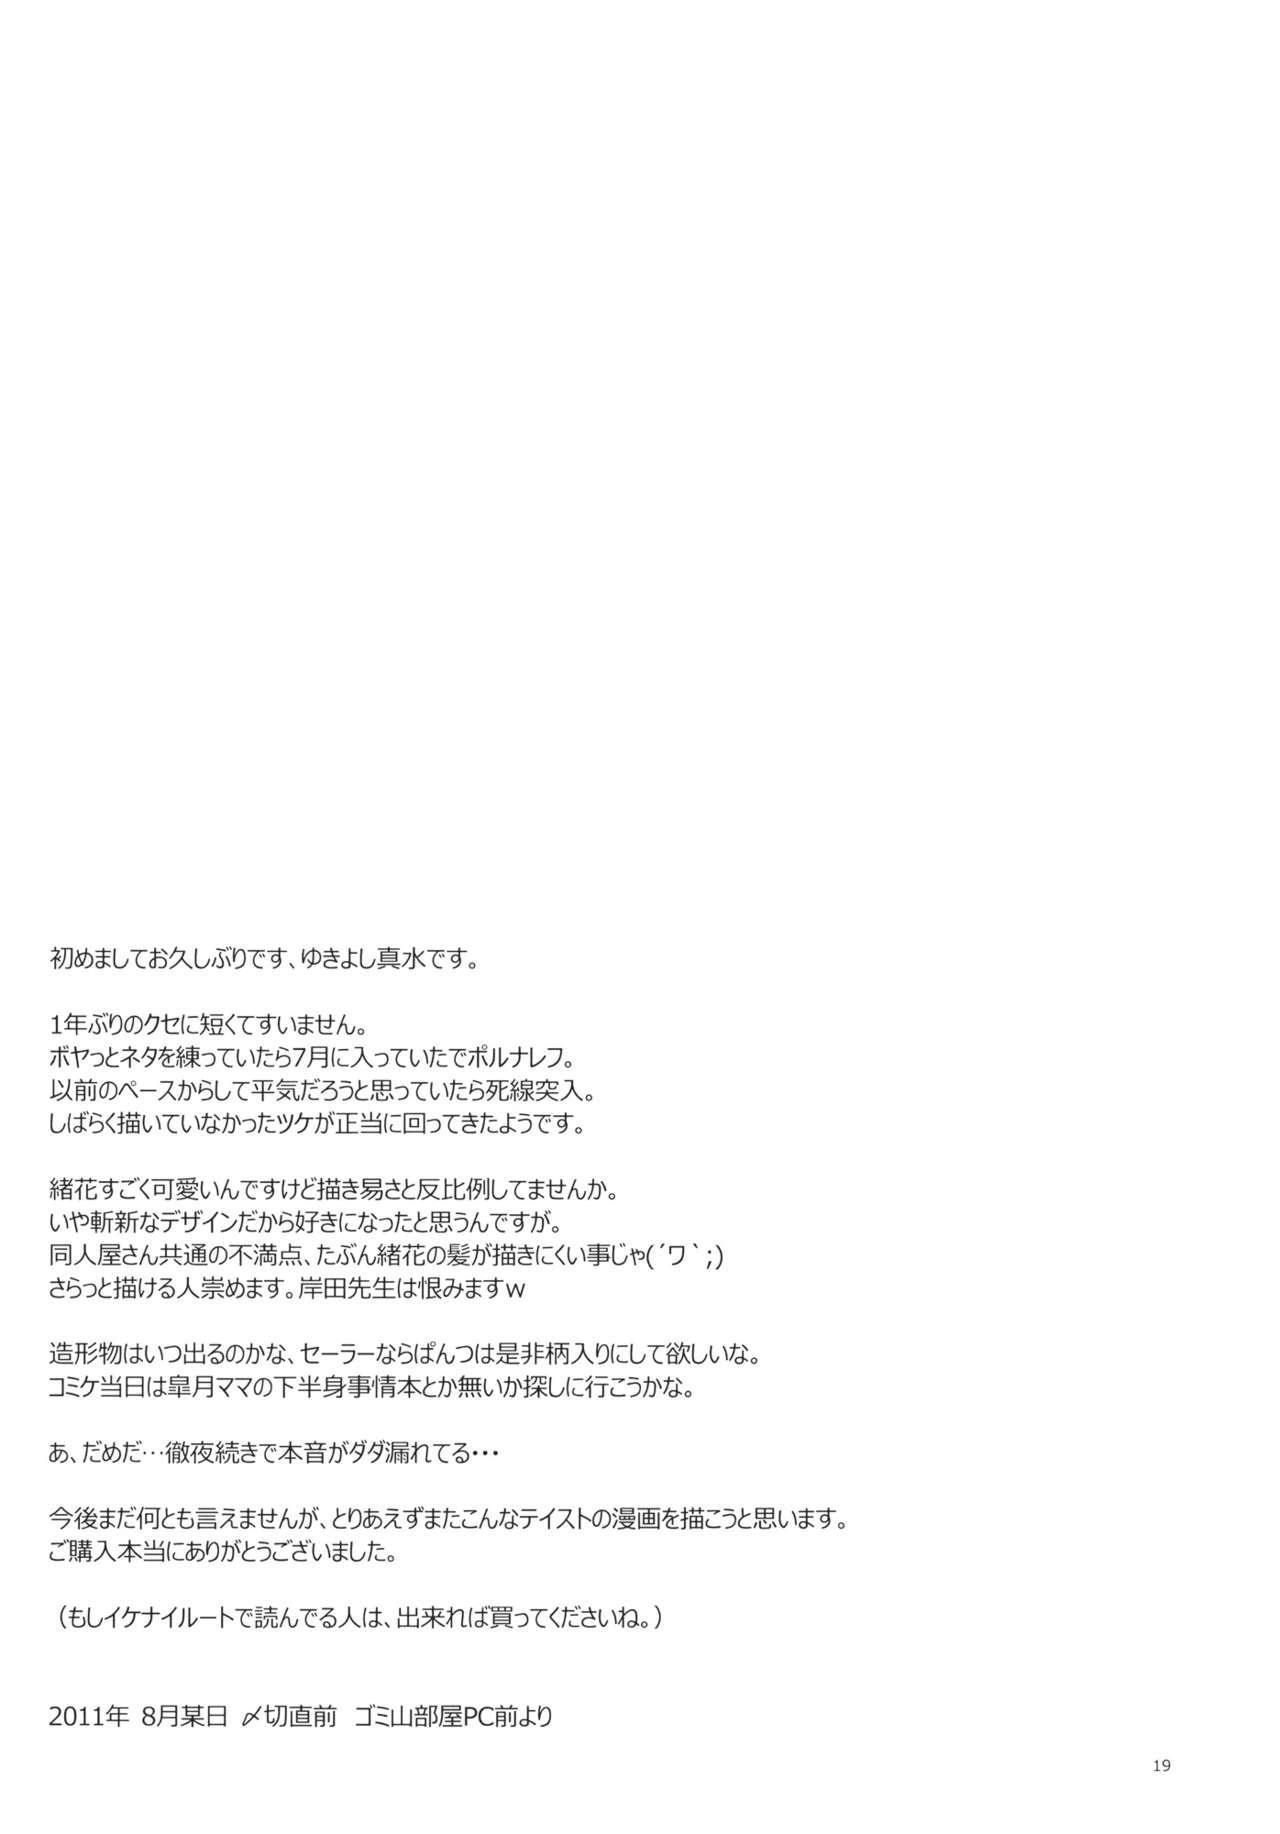 Natsu, Ryokan, Shakkintori. 17